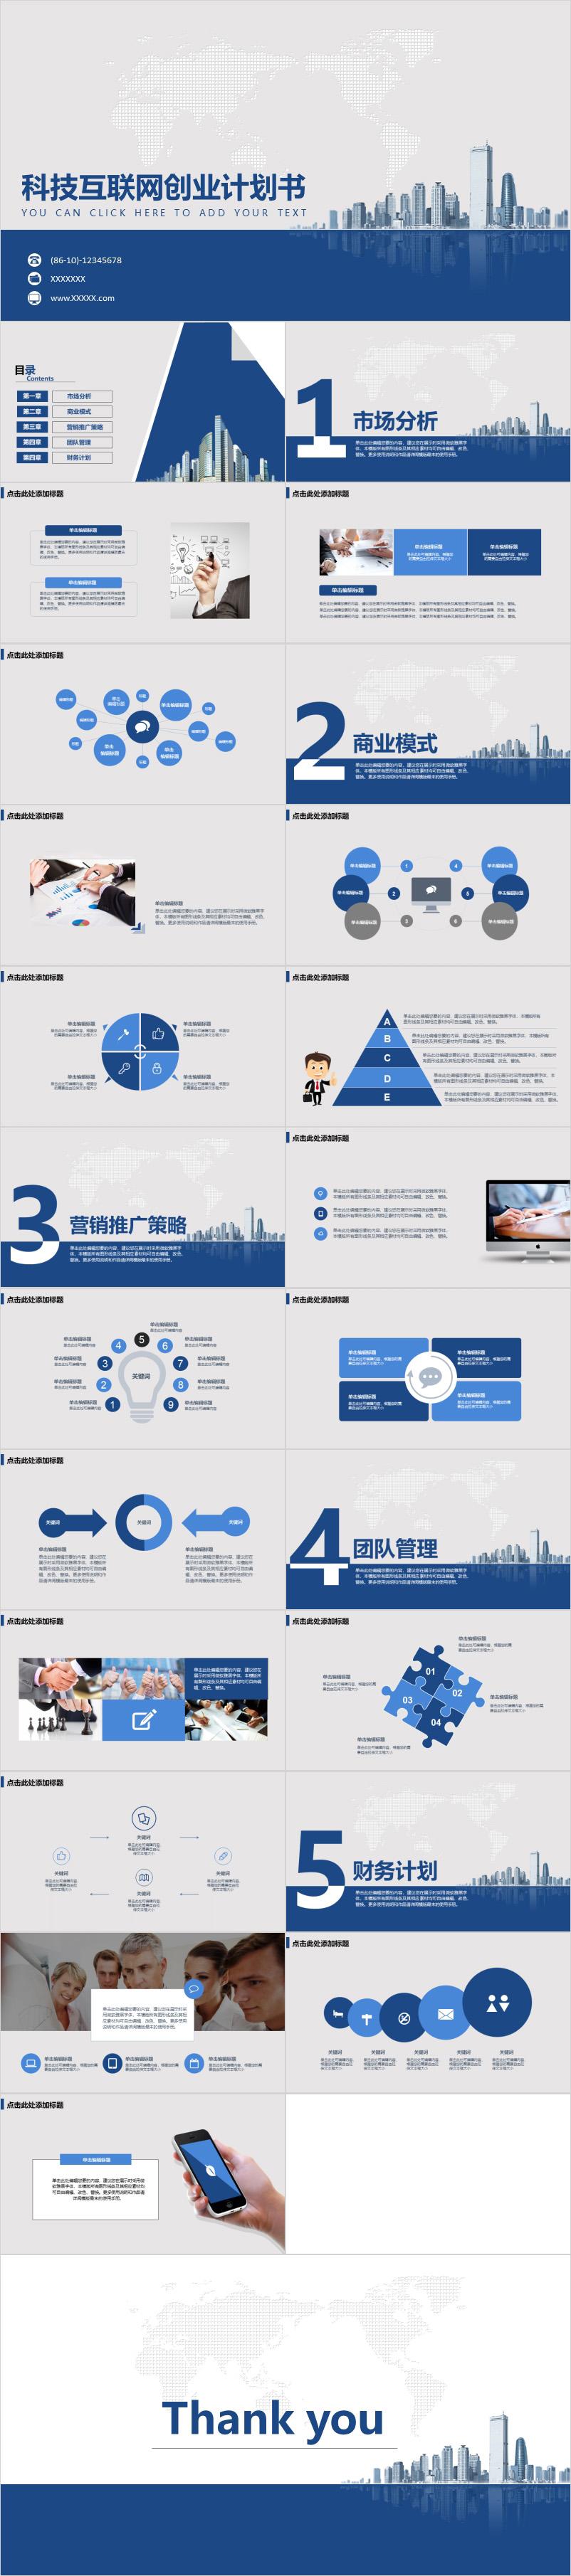 科技互联网类公司创业计划书PPT模板